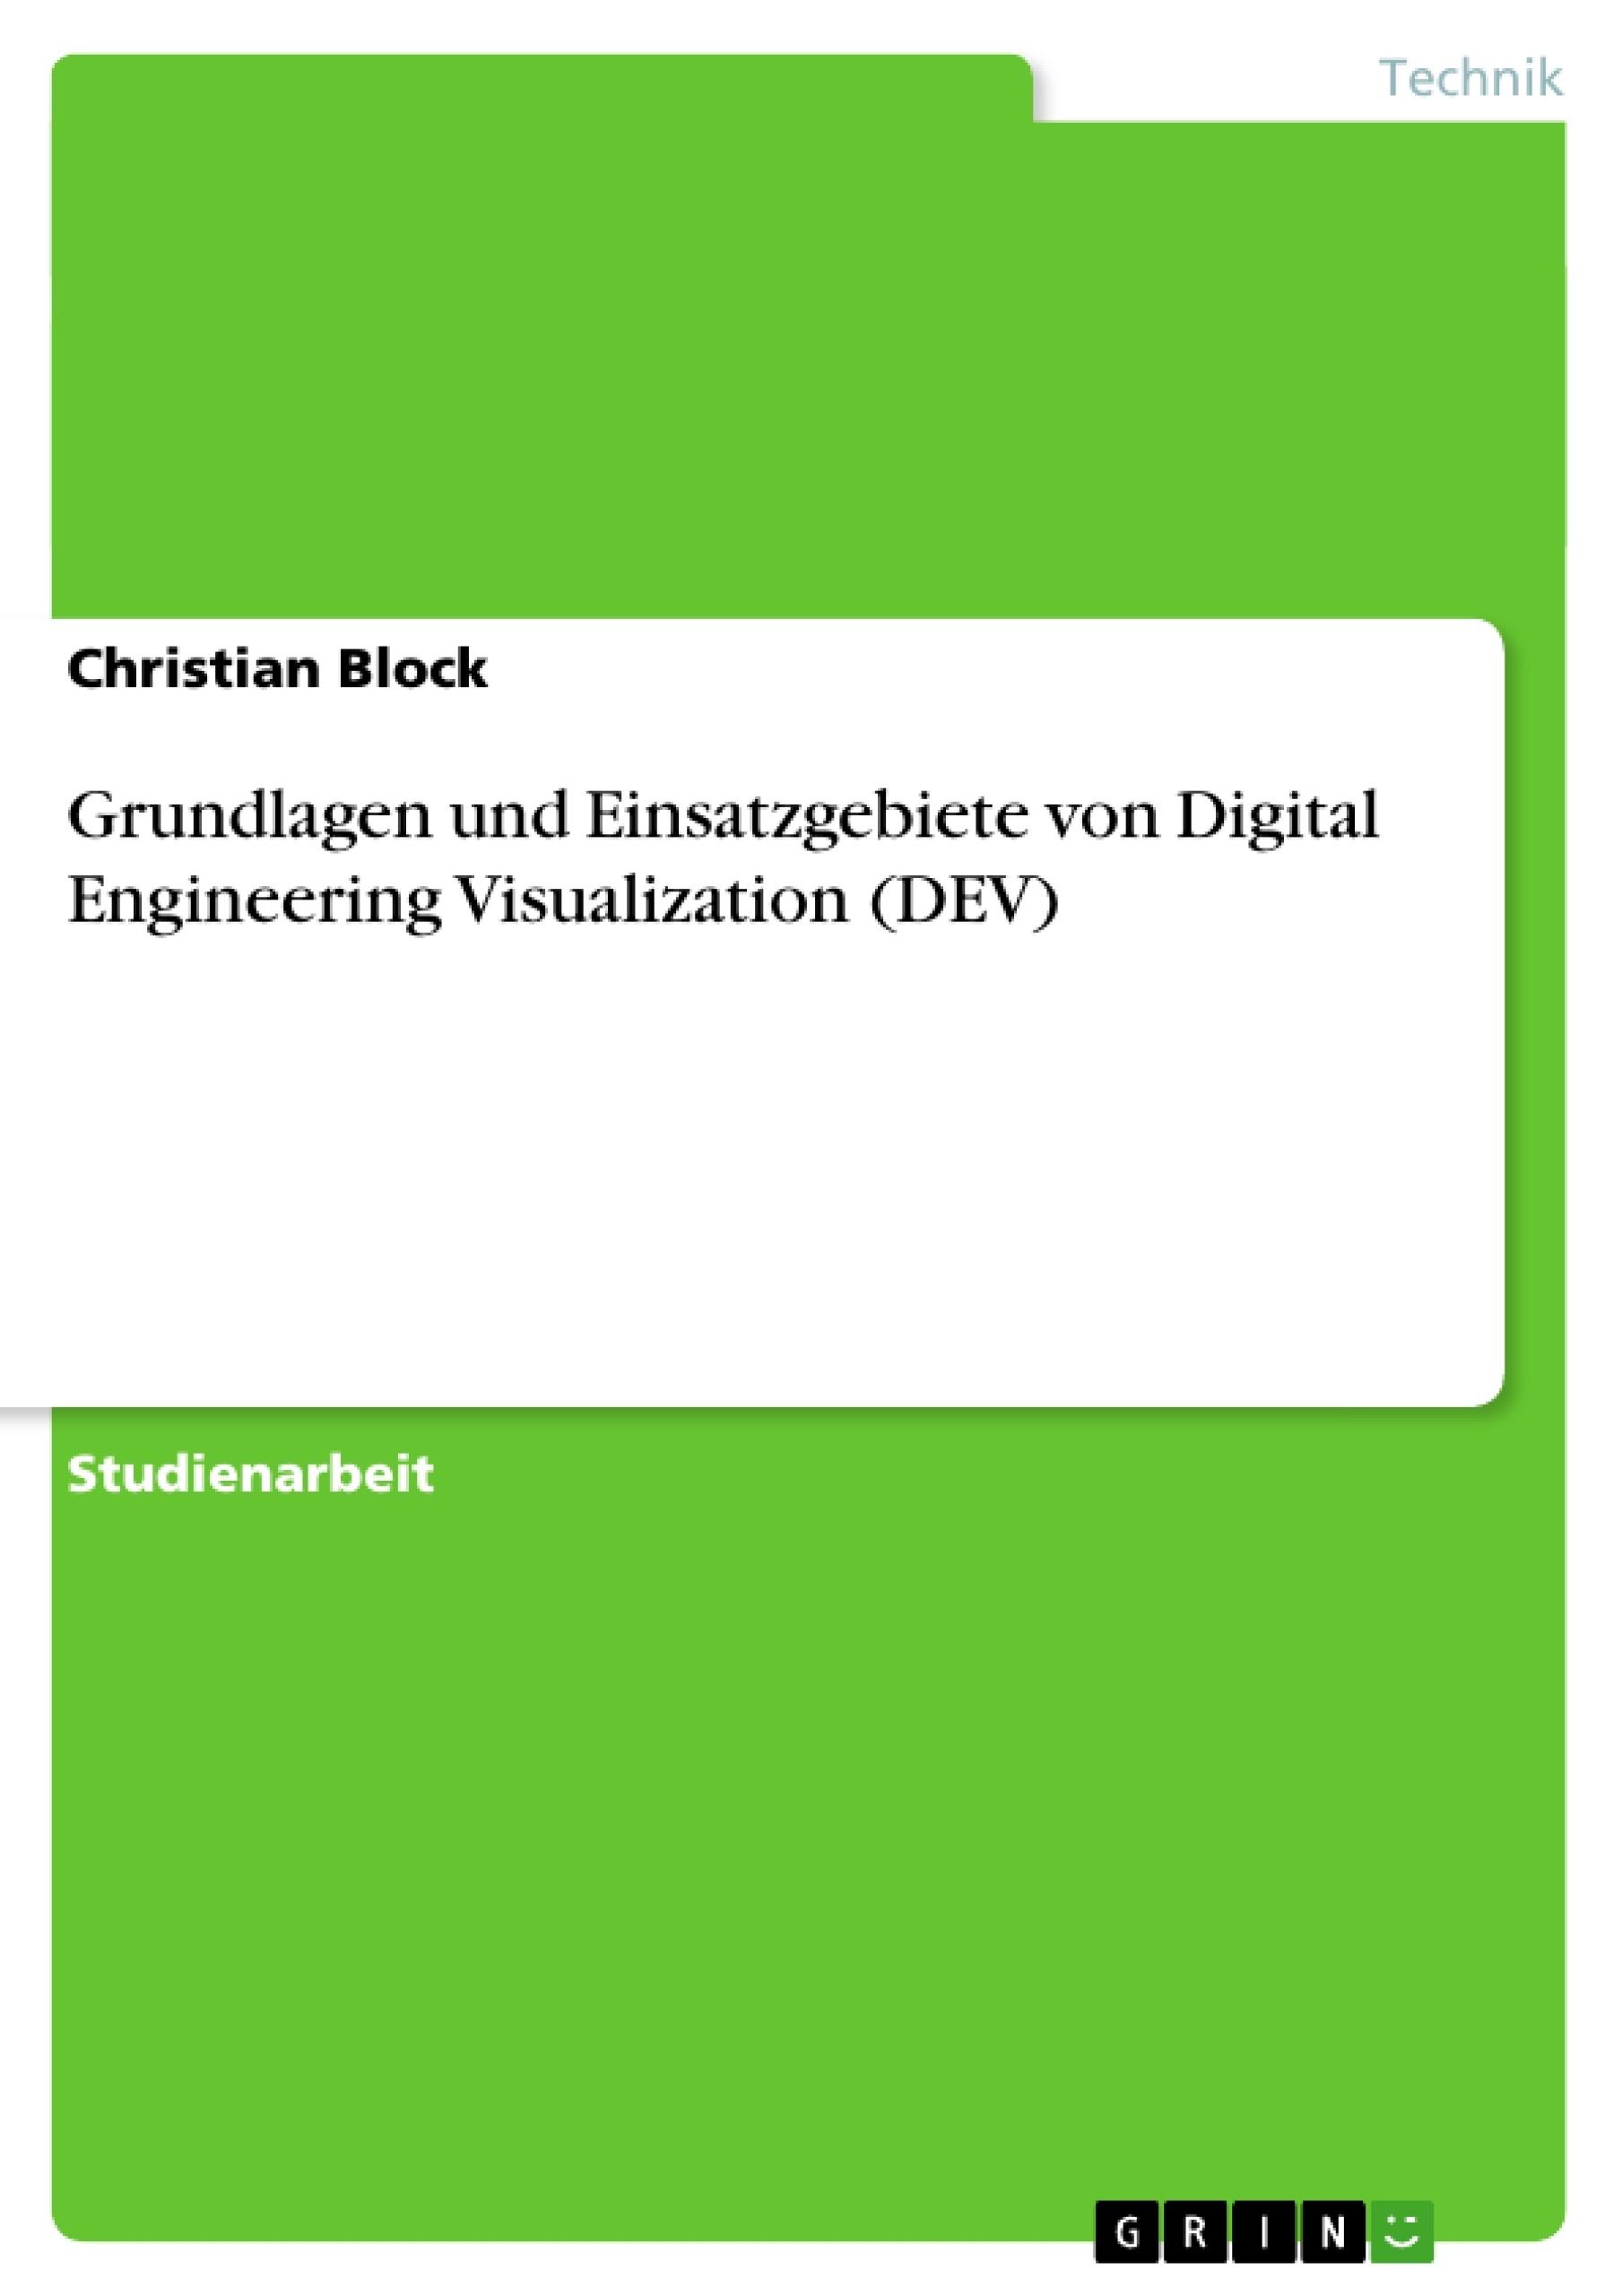 Titel: Grundlagen und Einsatzgebiete von Digital Engineering Visualization (DEV)